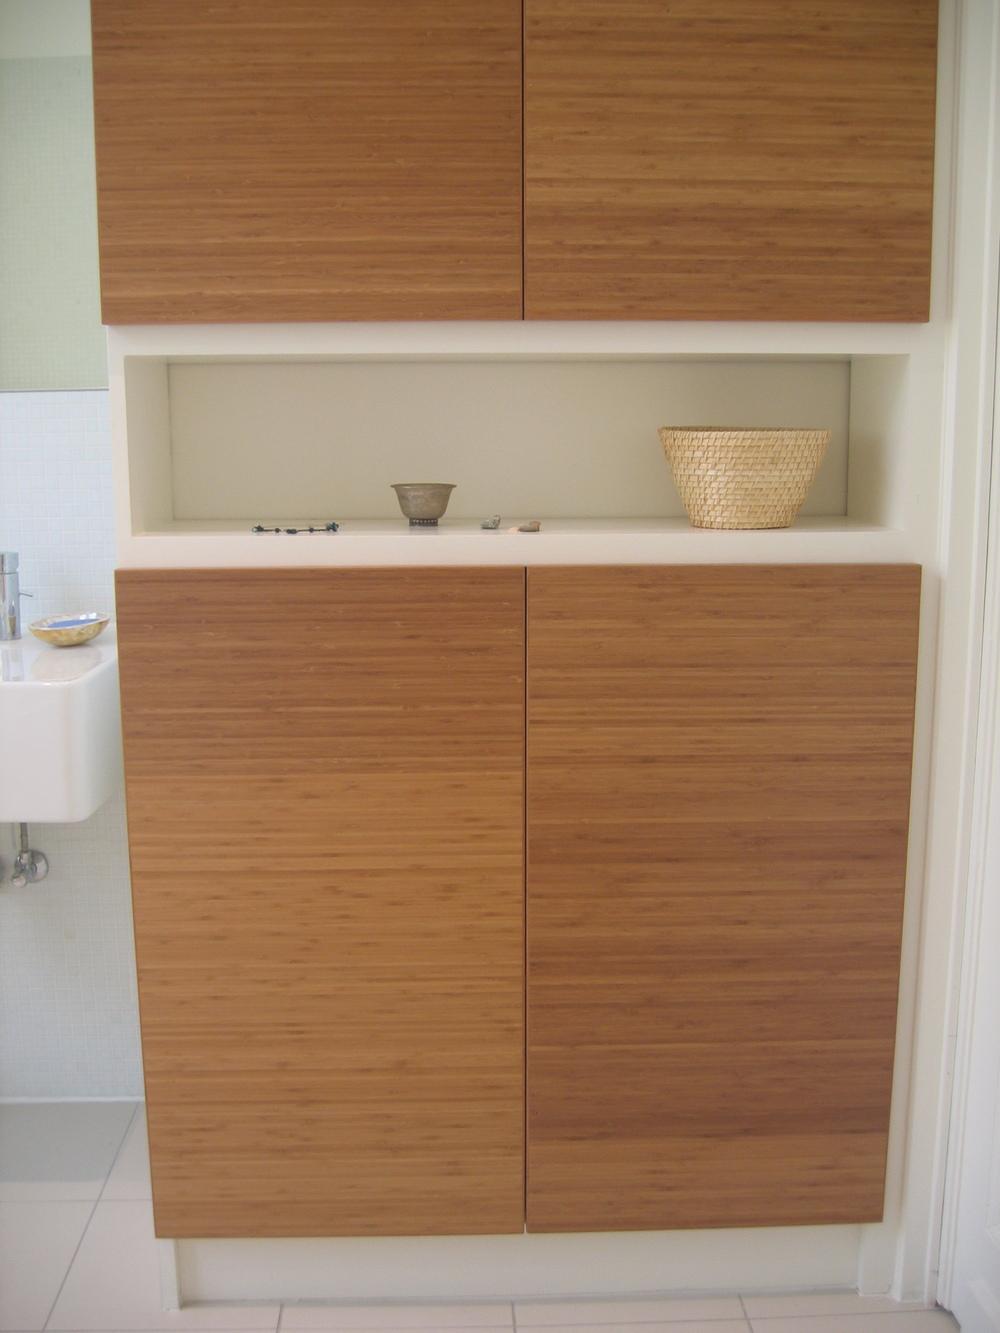 badkamermeubel in bamboe en mdf